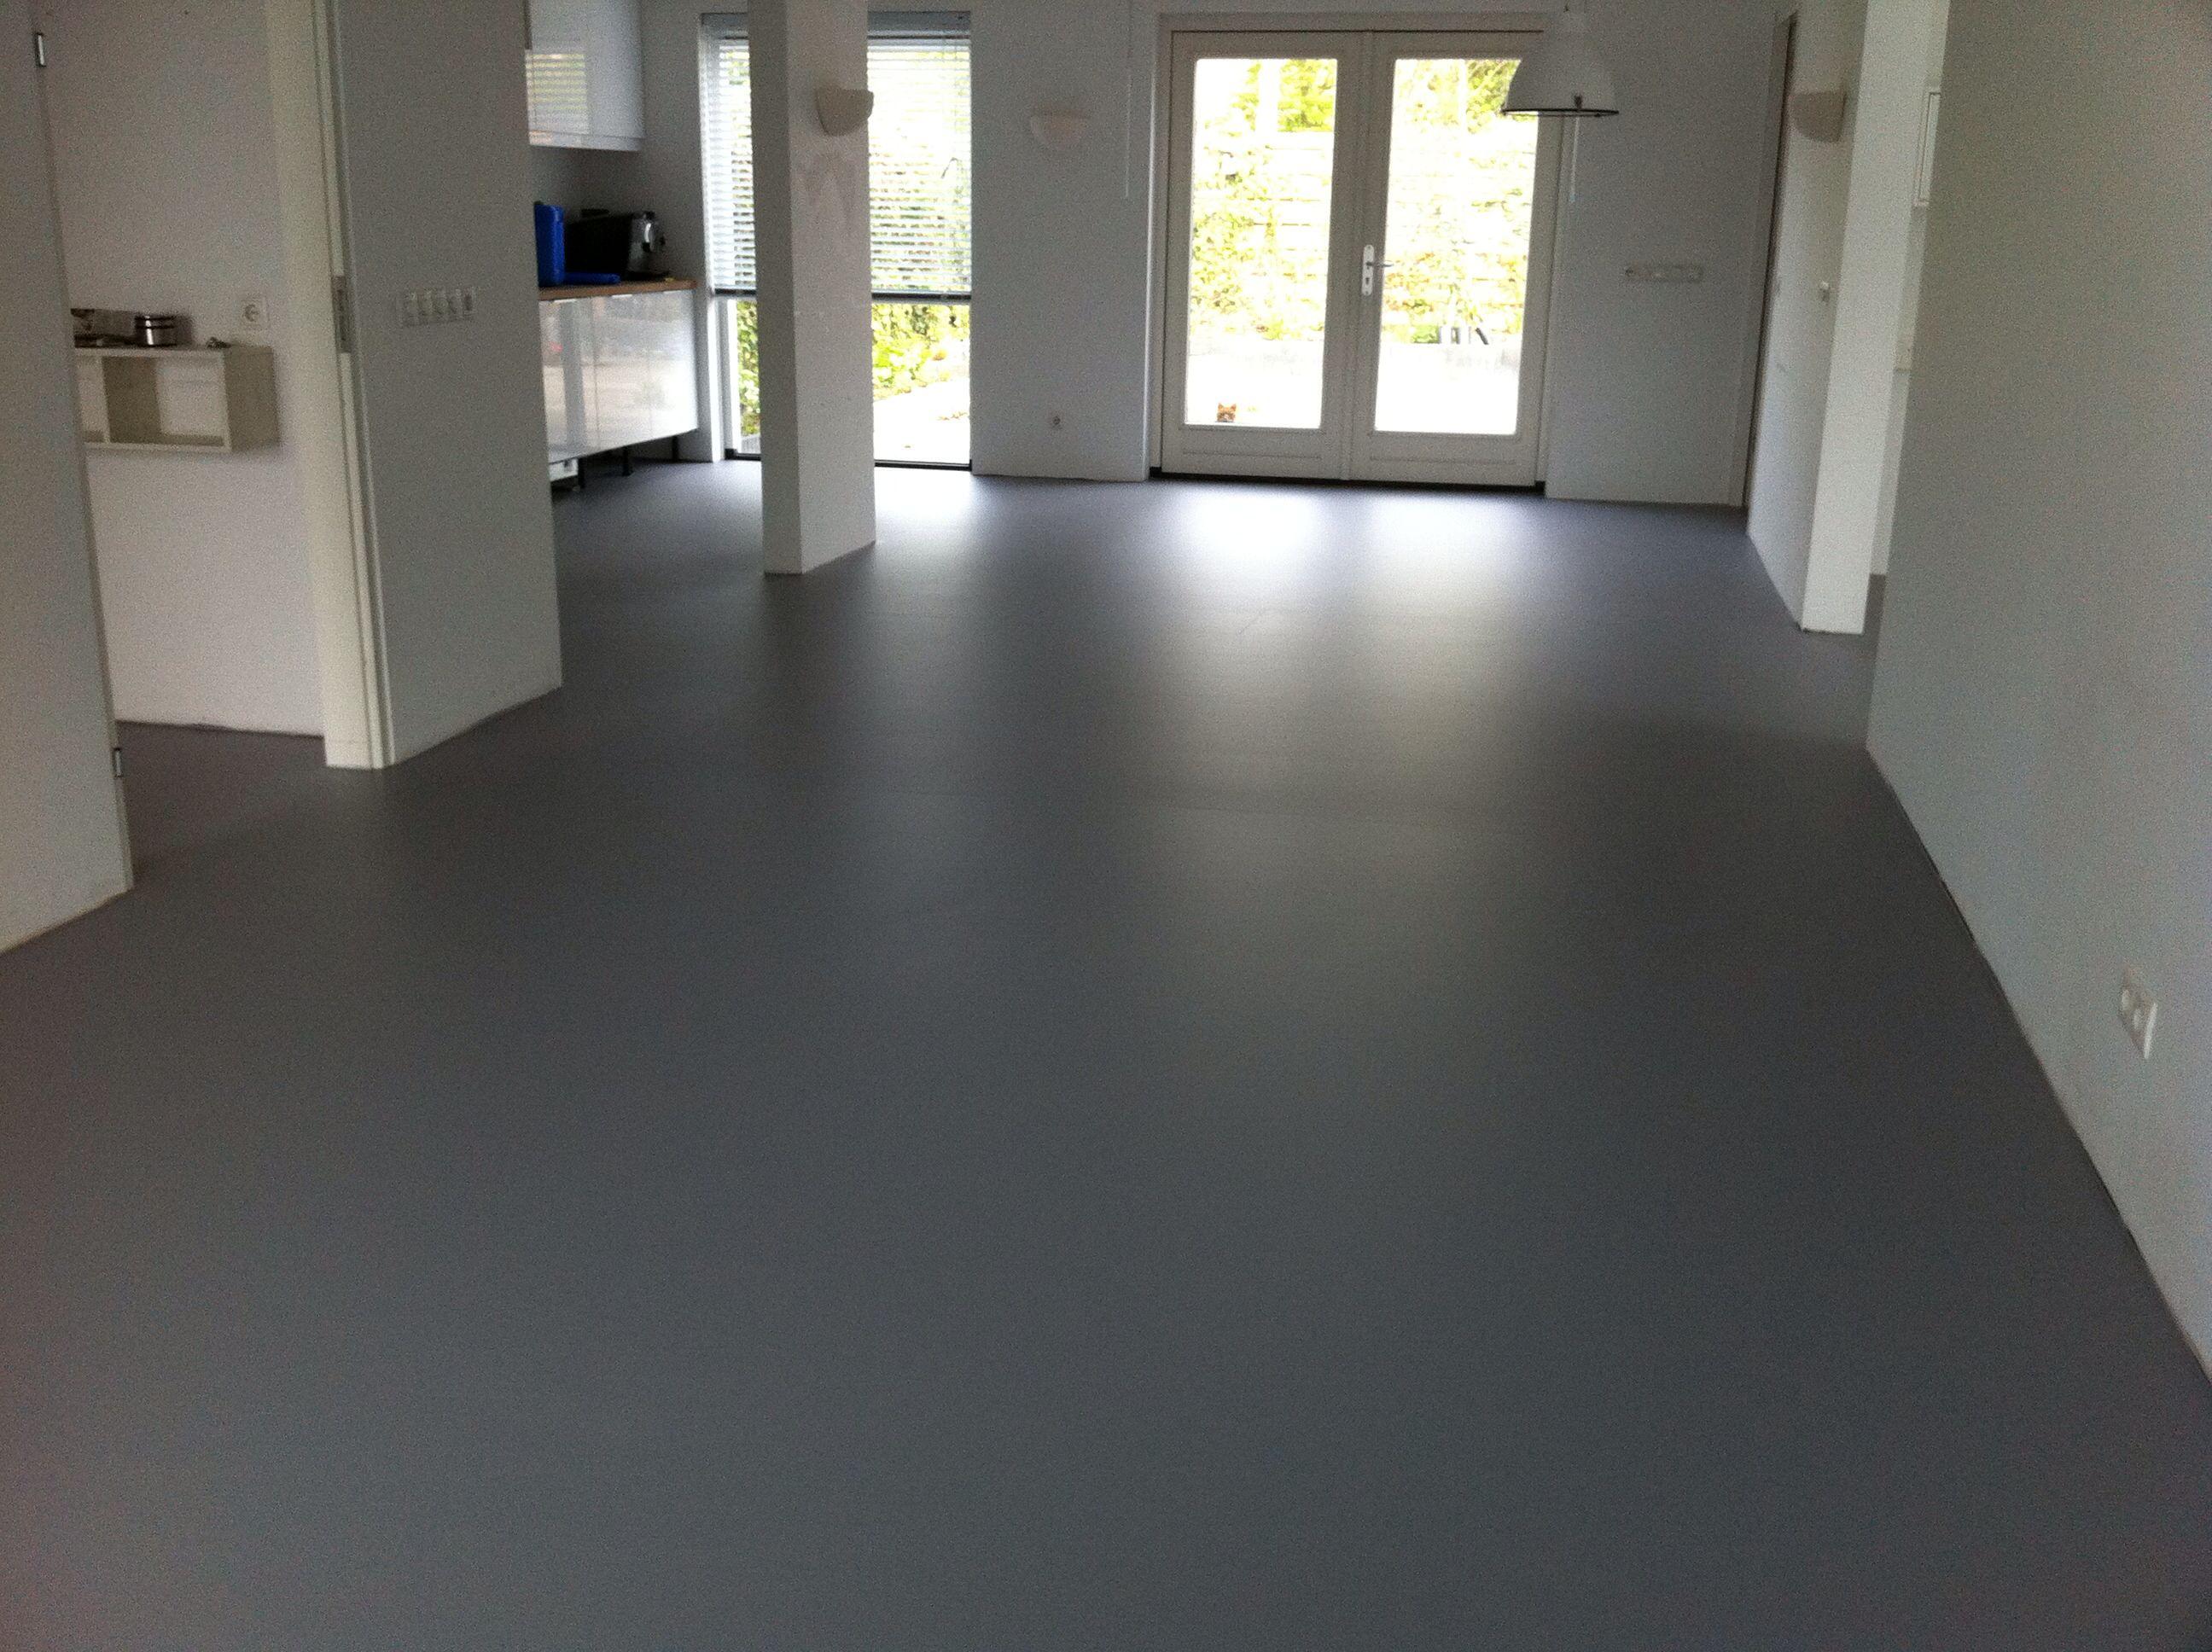 gietvloer grijs vloer pinterest grijs vloeren en vloerkleden